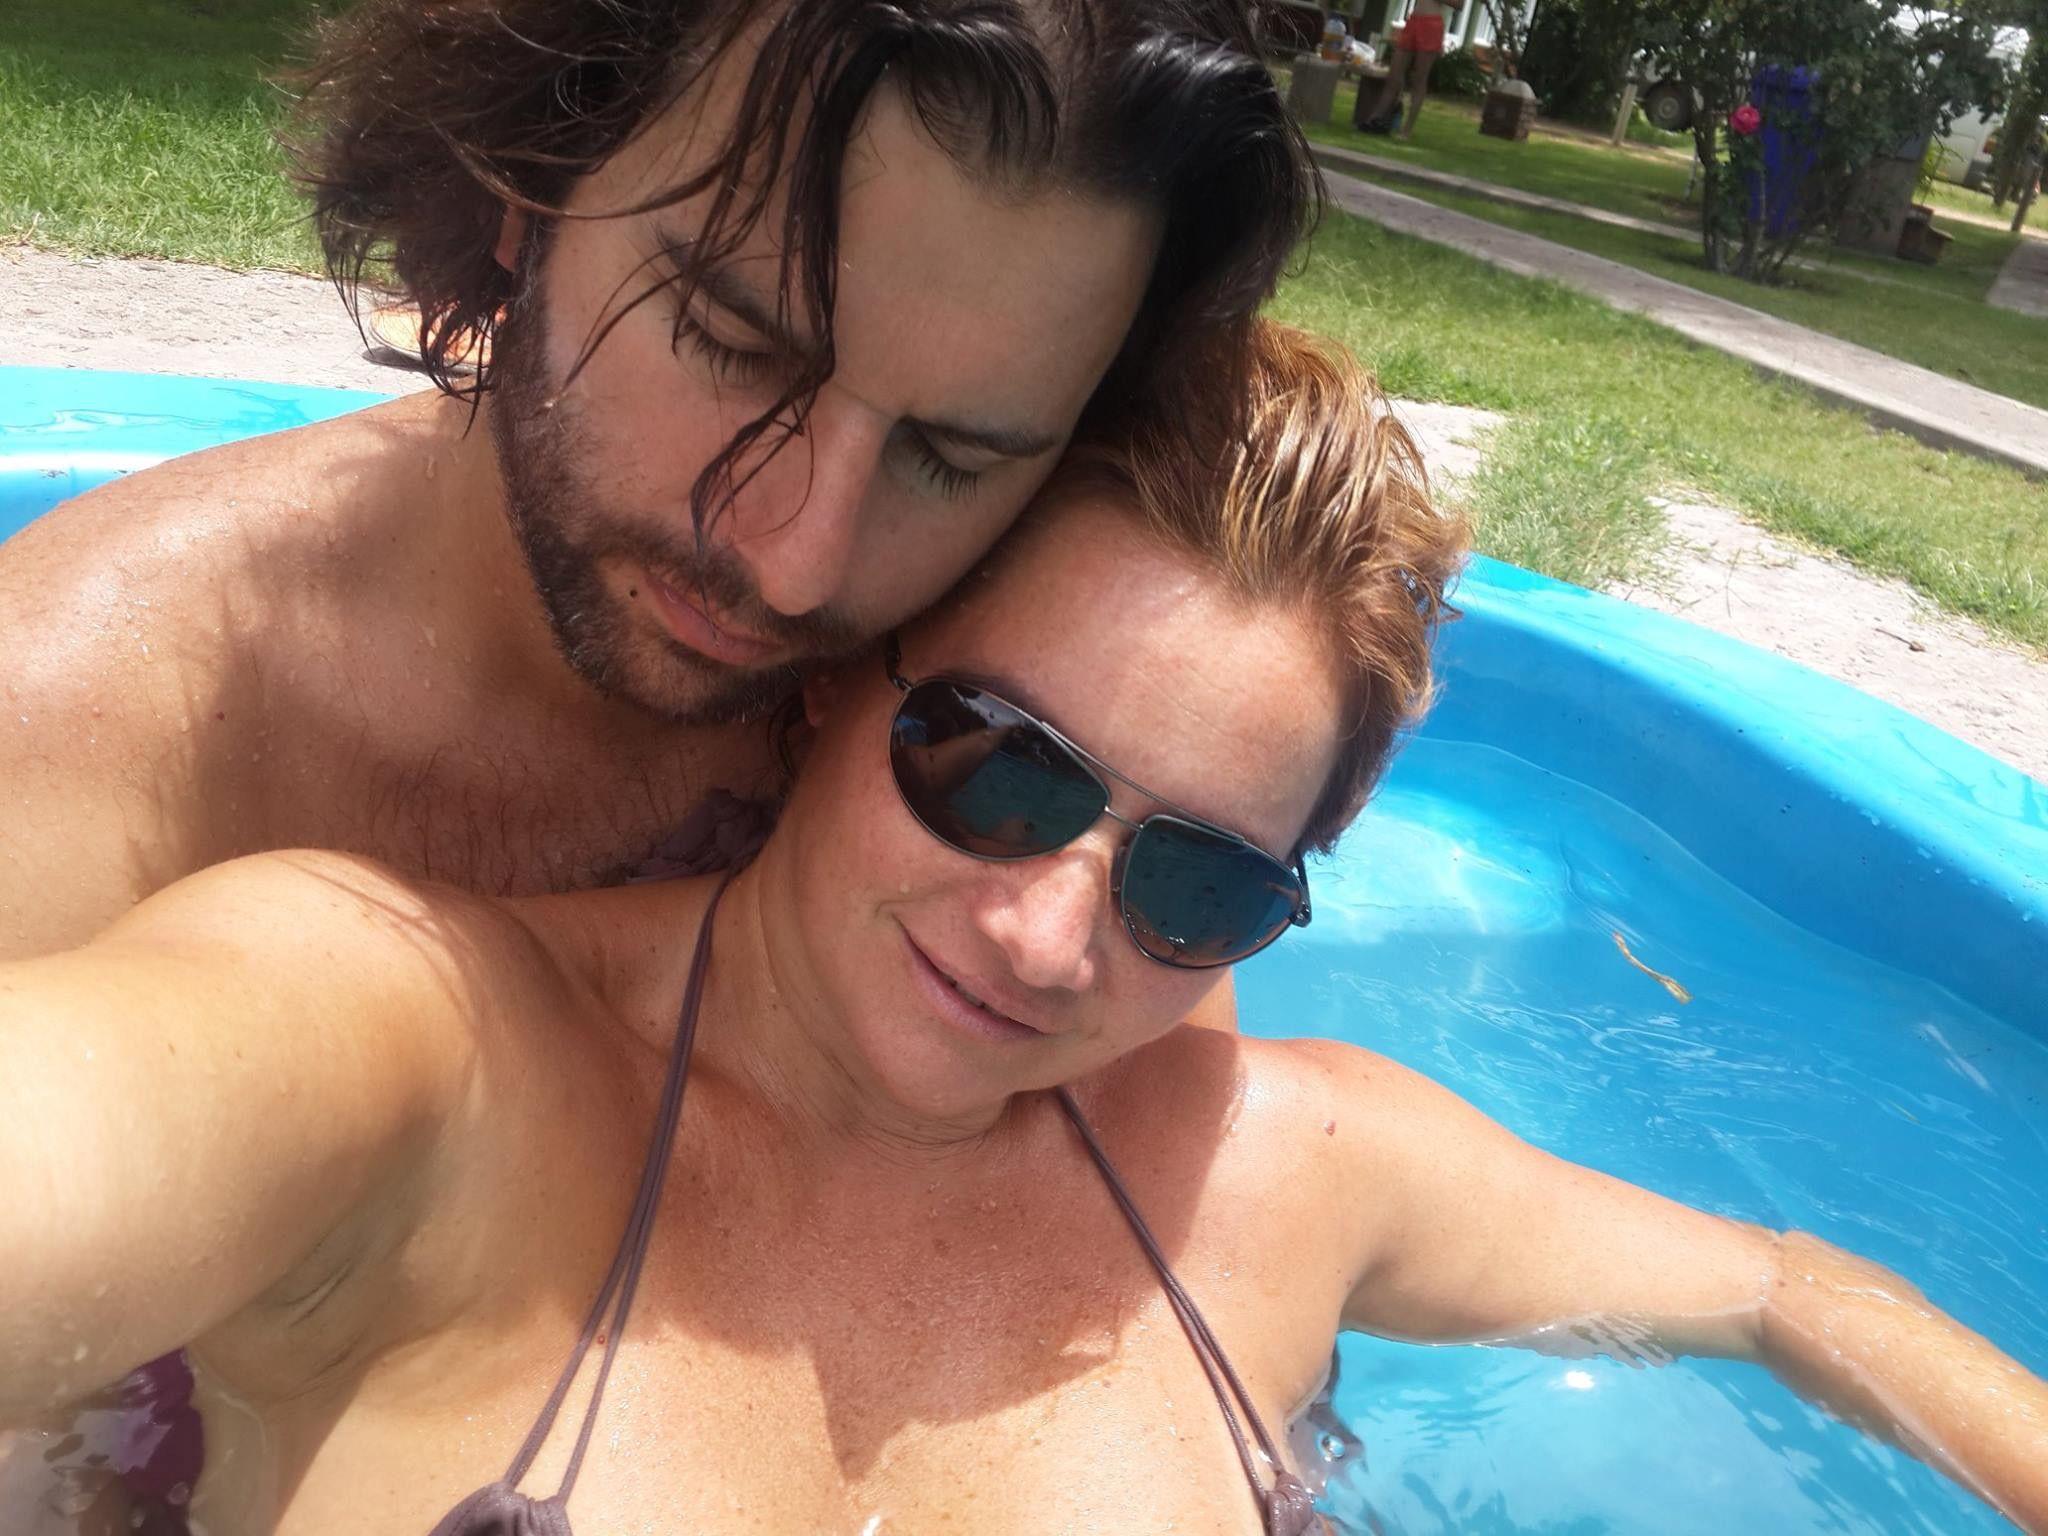 La famosa que subió a las redes una foto desnuda con su pareja: A mi hombre...